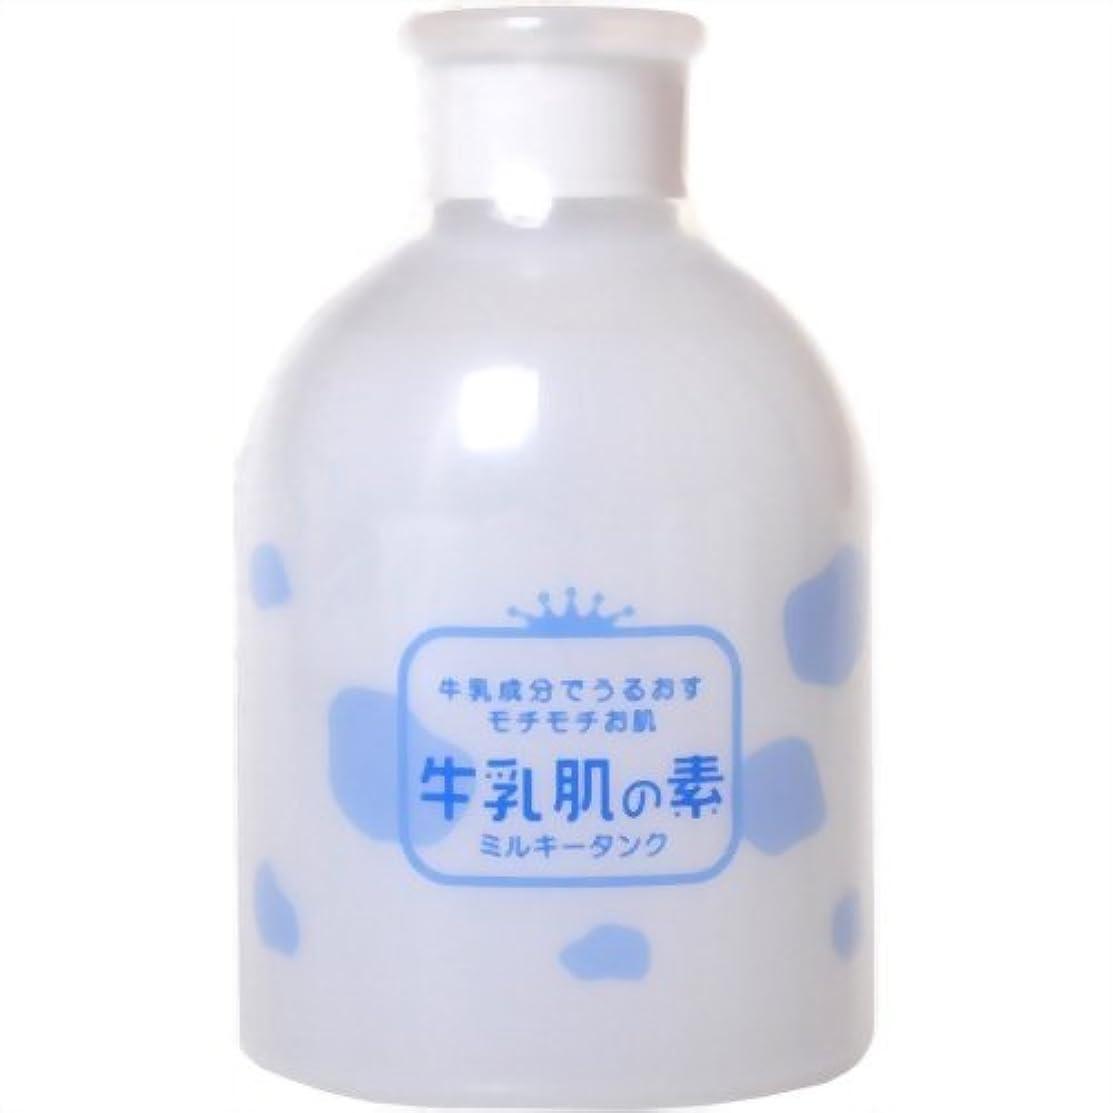 趣味船尾きらきら牛乳肌の素 ミルキータンク(化粧水) 300ml